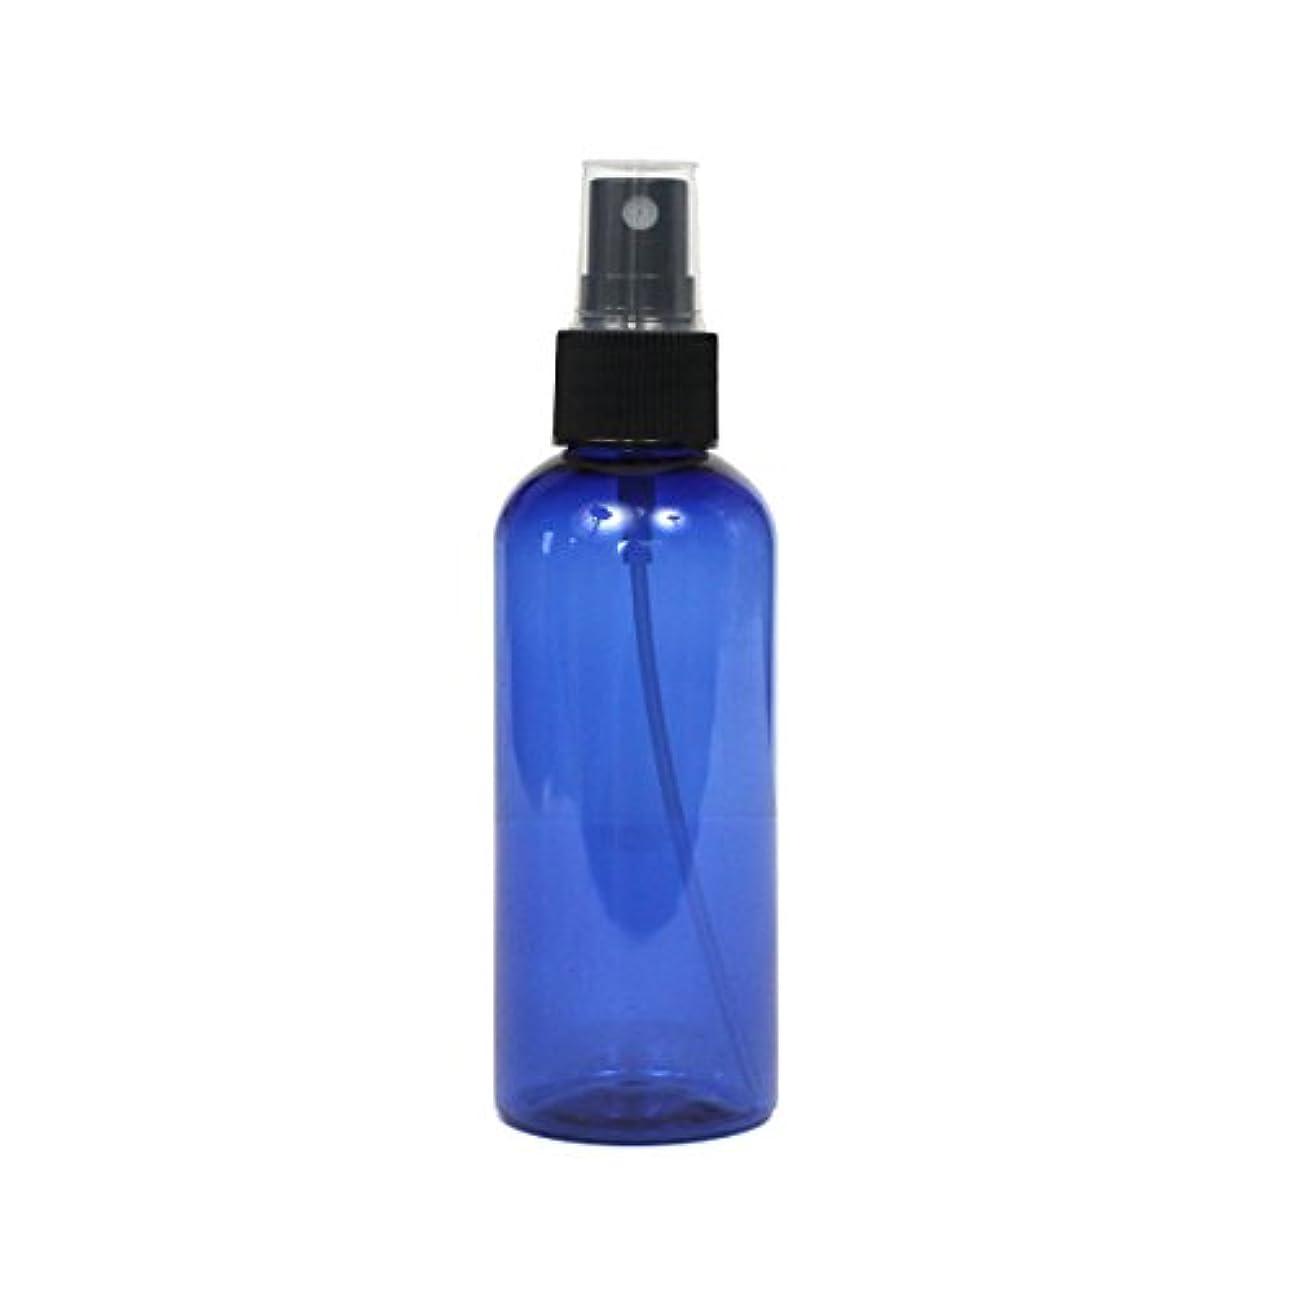 去る消費するフラフープスプレーボトル 100mL ブルー黒ヘッド1本遮光性青色 おしゃれ プラスチック空容器bu100bk1